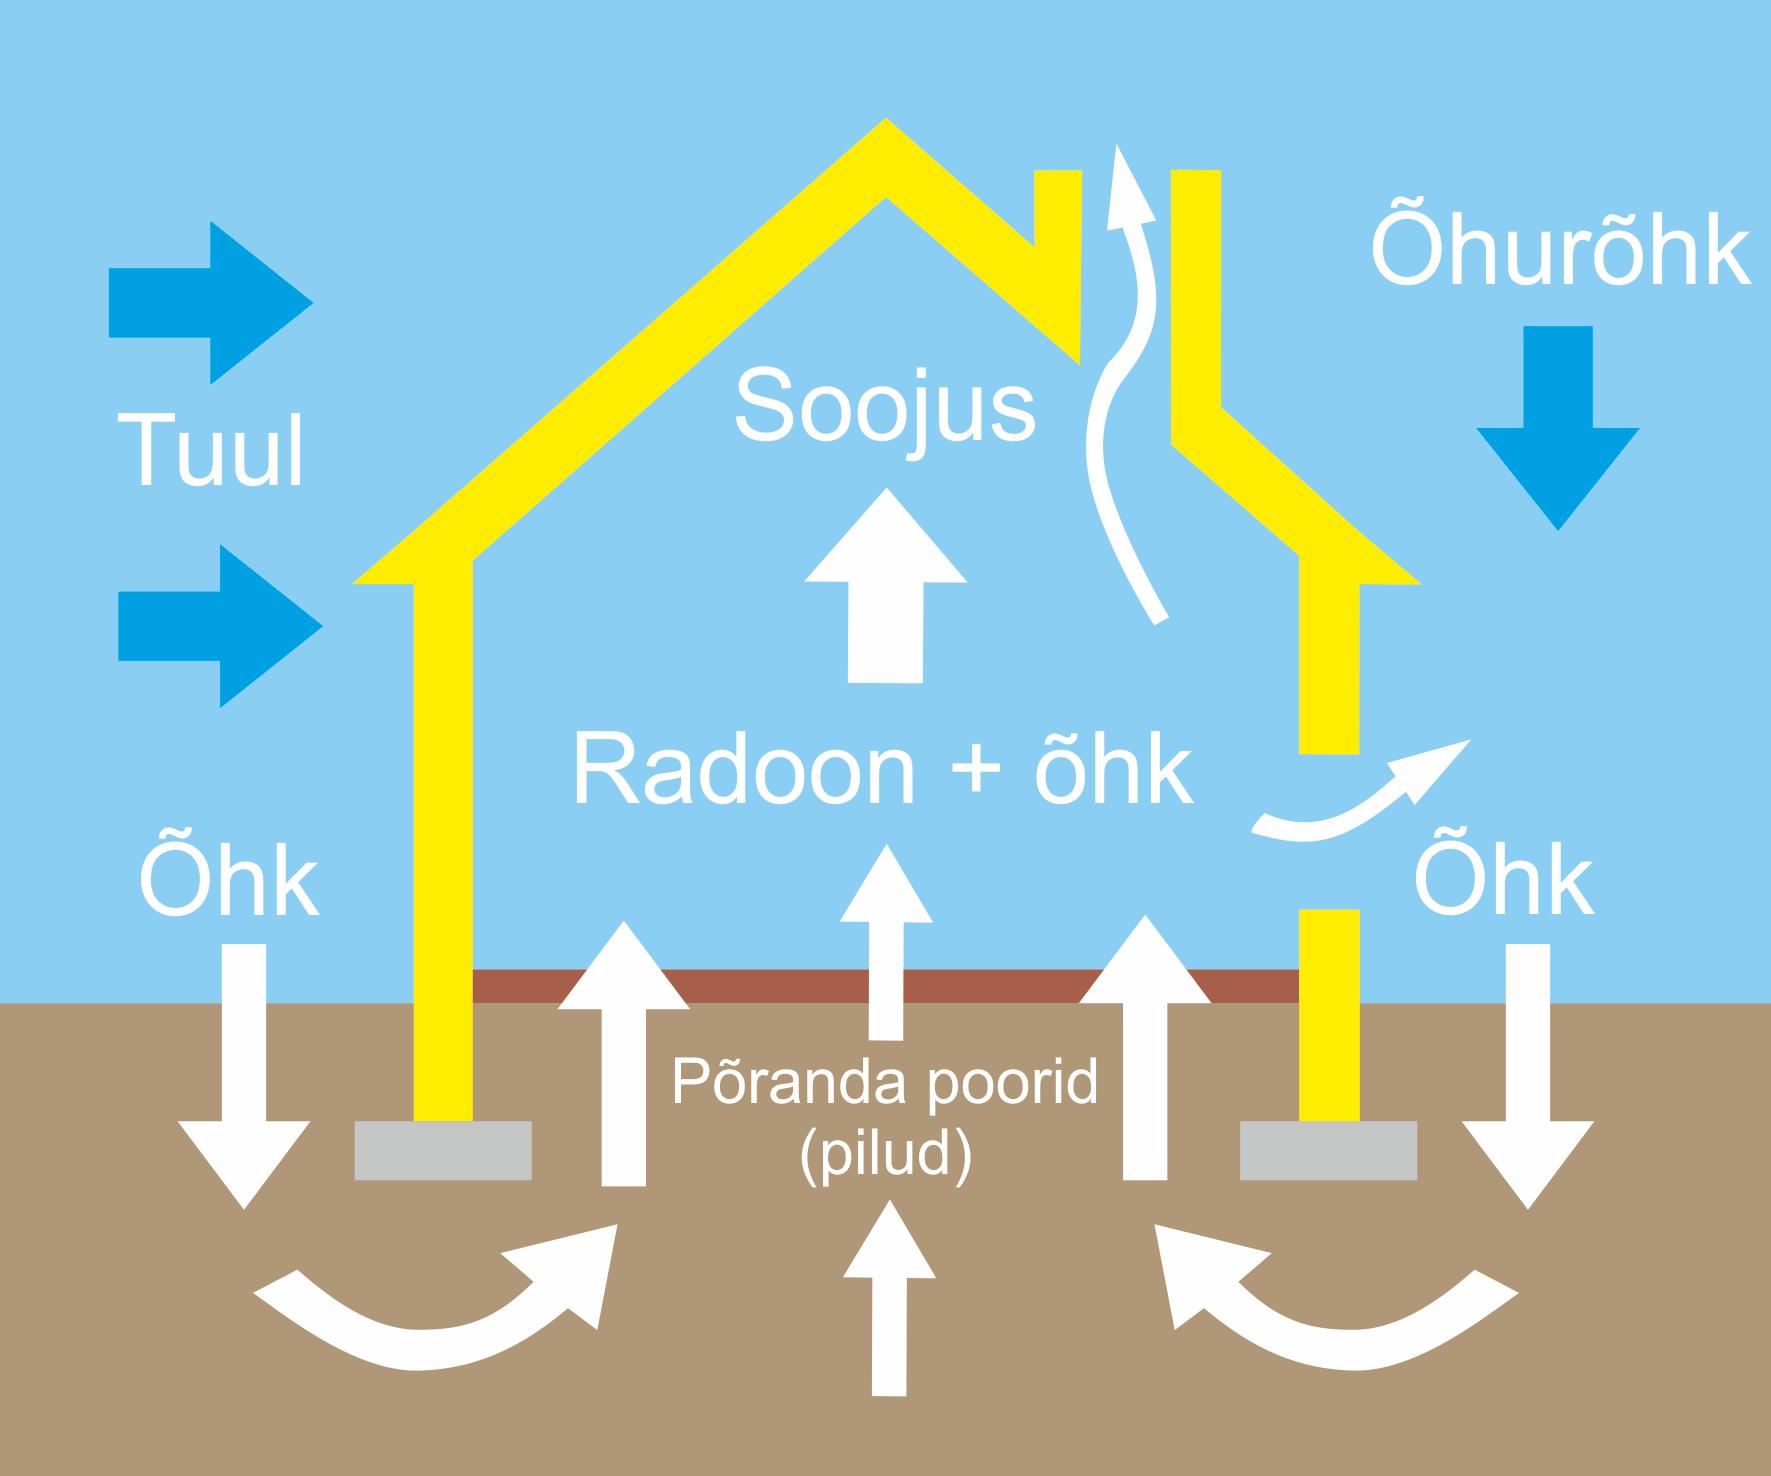 Radooni liikumine hoonetes